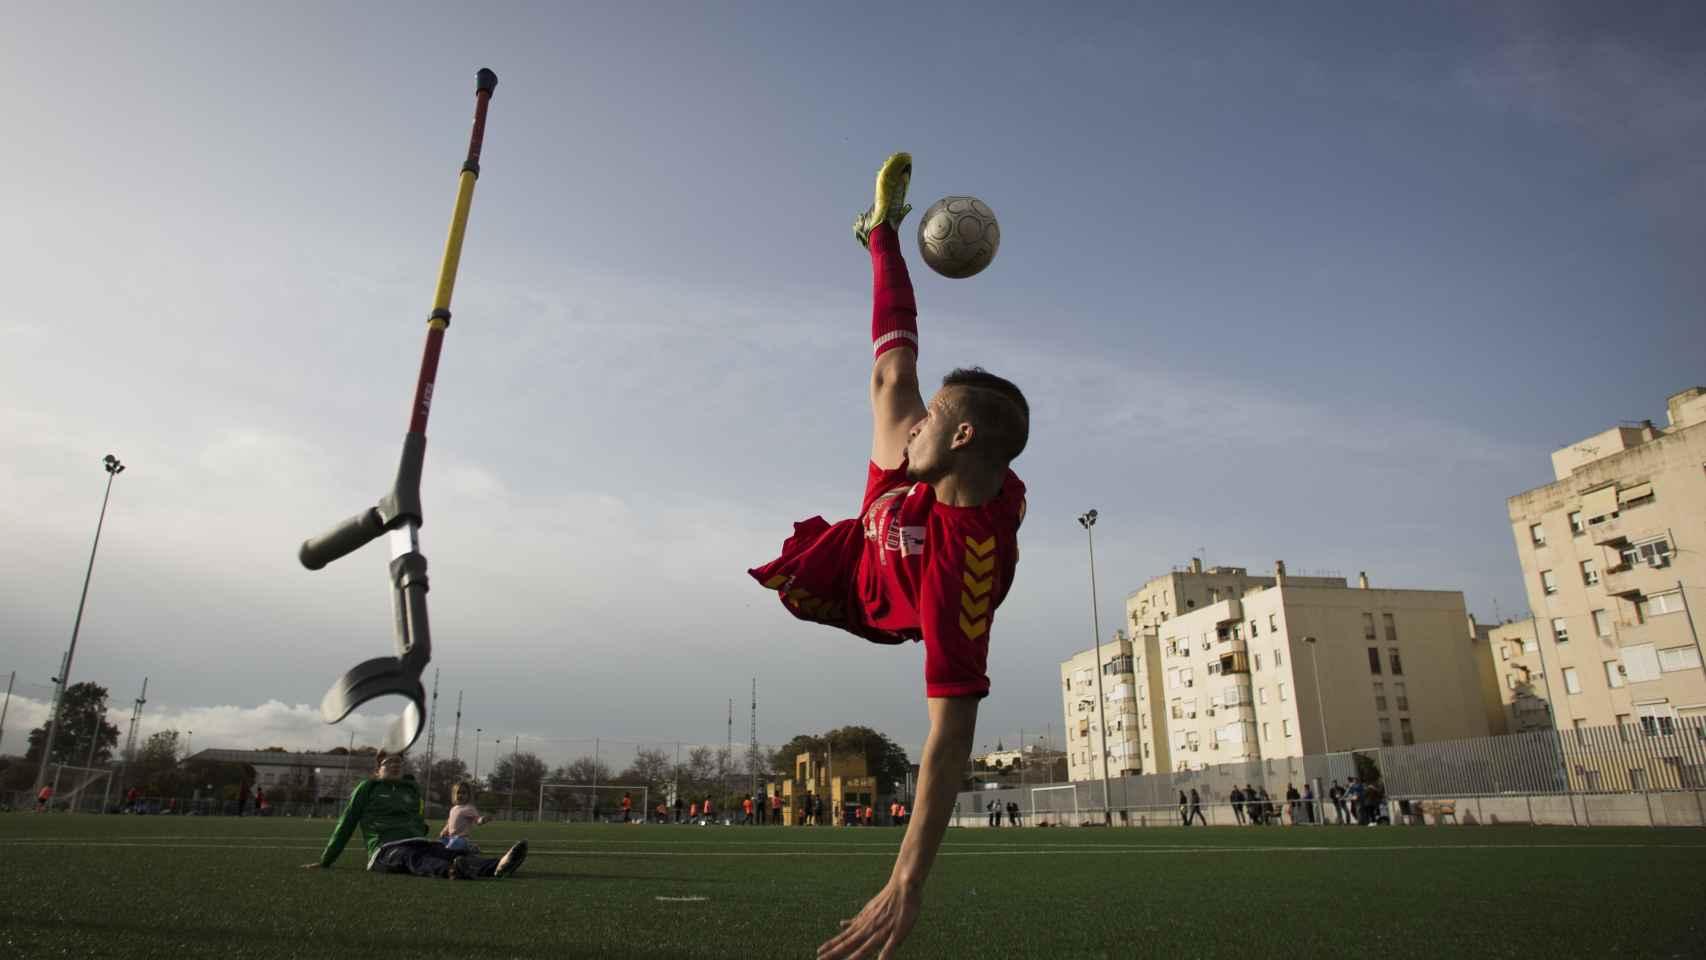 Ihan Ettalib, de la selección española de amputados, ejecutando una 'chilena'. Foto Fernando Ruso